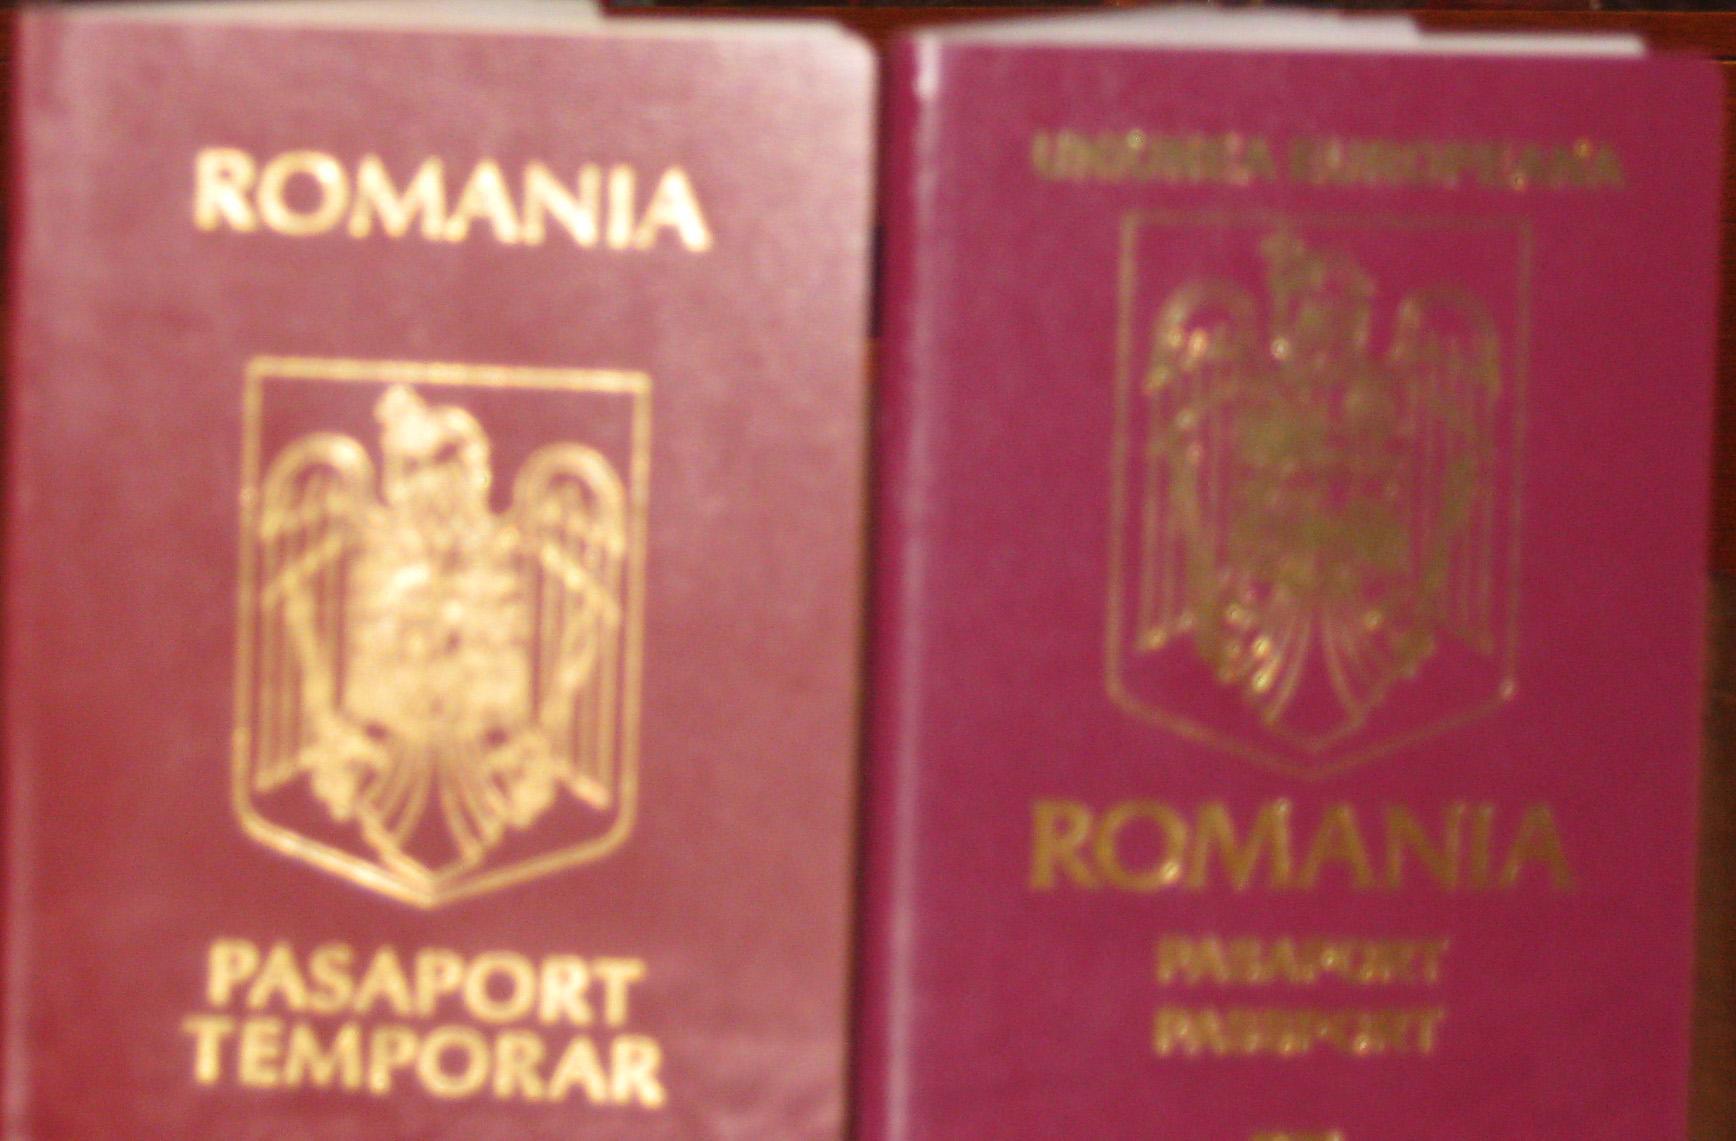 266 de lei va costa, de luni, pasaportul electronic